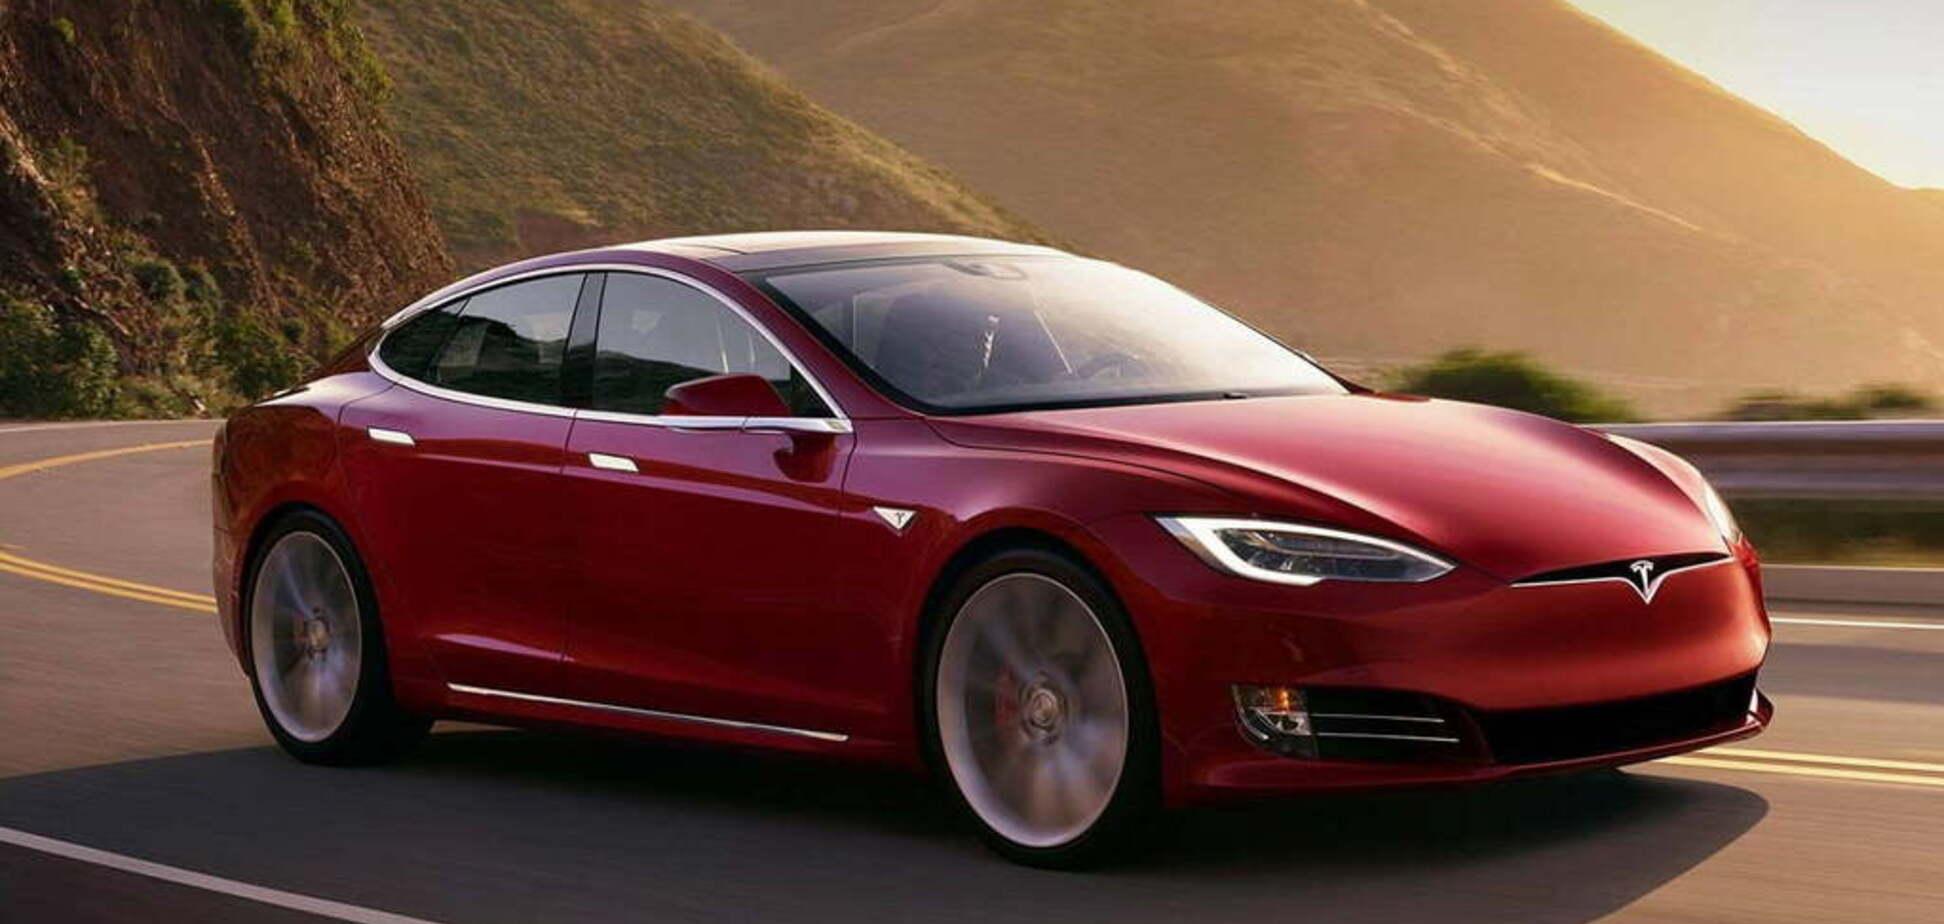 Tesla істотно збільшить ємність батарей електрокарів